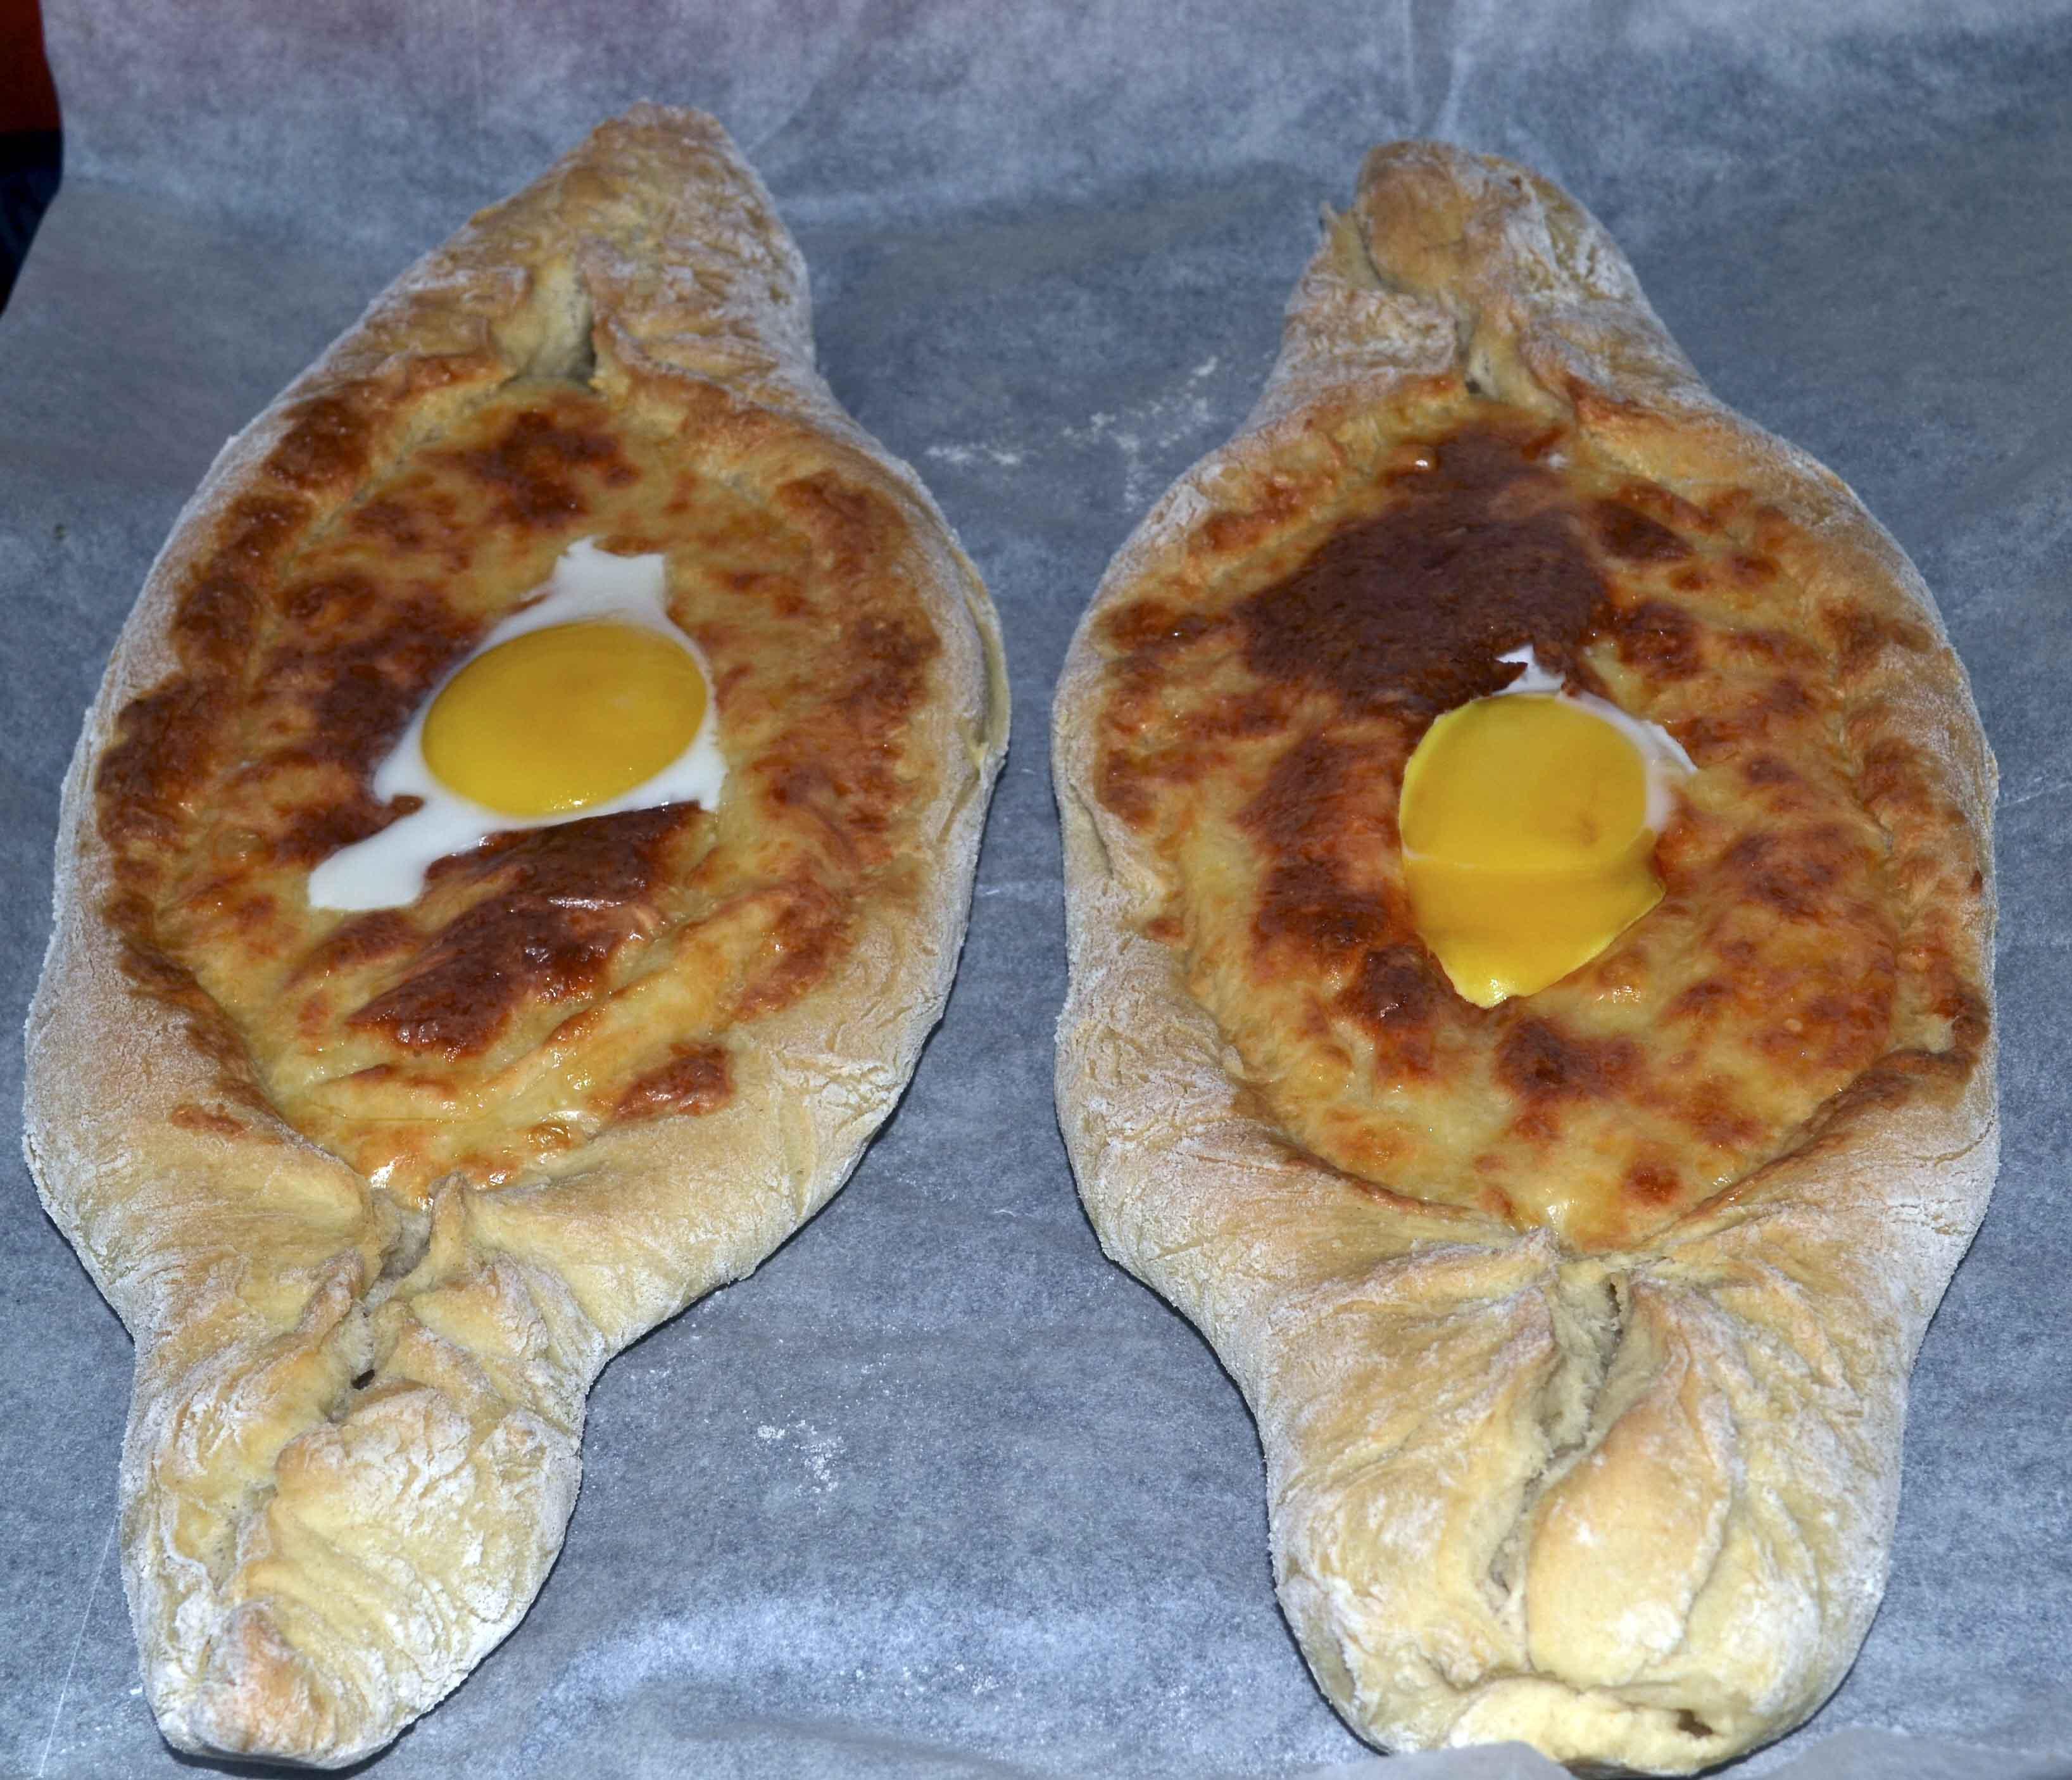 Хачапури по аджарски с готовым тестом рецепт